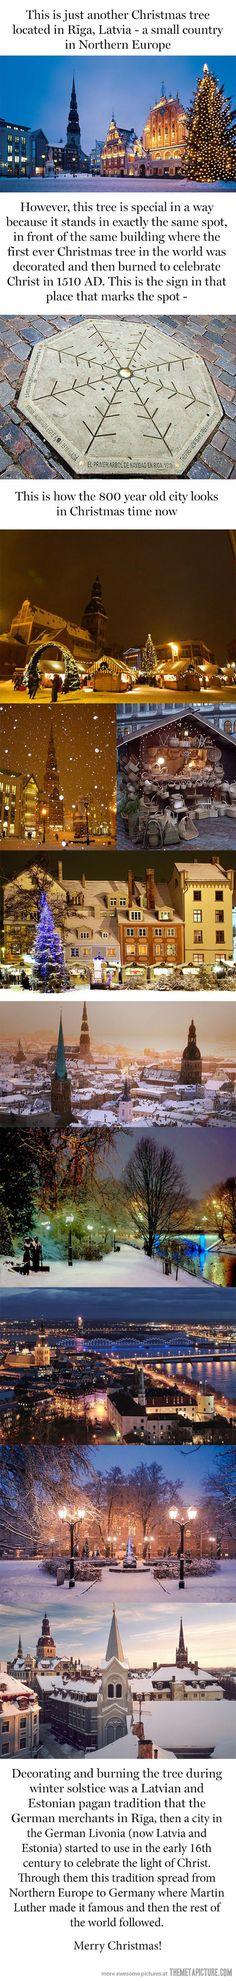 Dónde comenzó la navidad! ~ soy feliz cuando puedo pasar la navidad en países dónde es una verdadera celebración